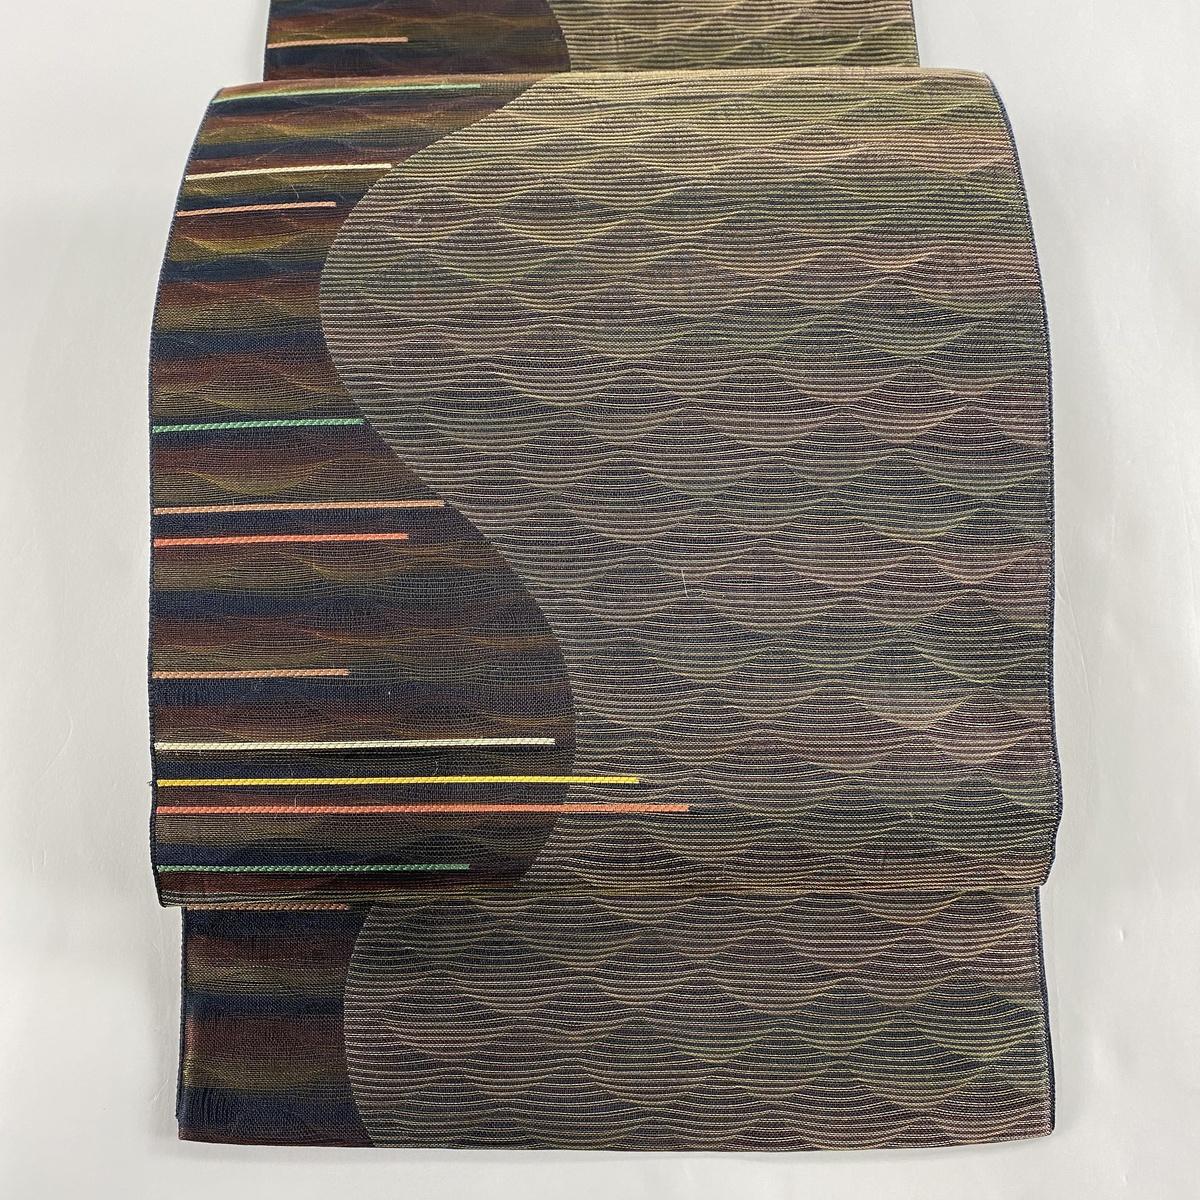 袋帯 美品 秀品 幾何学 刺繍 茶緑色 お太鼓柄 正絹 【中古】